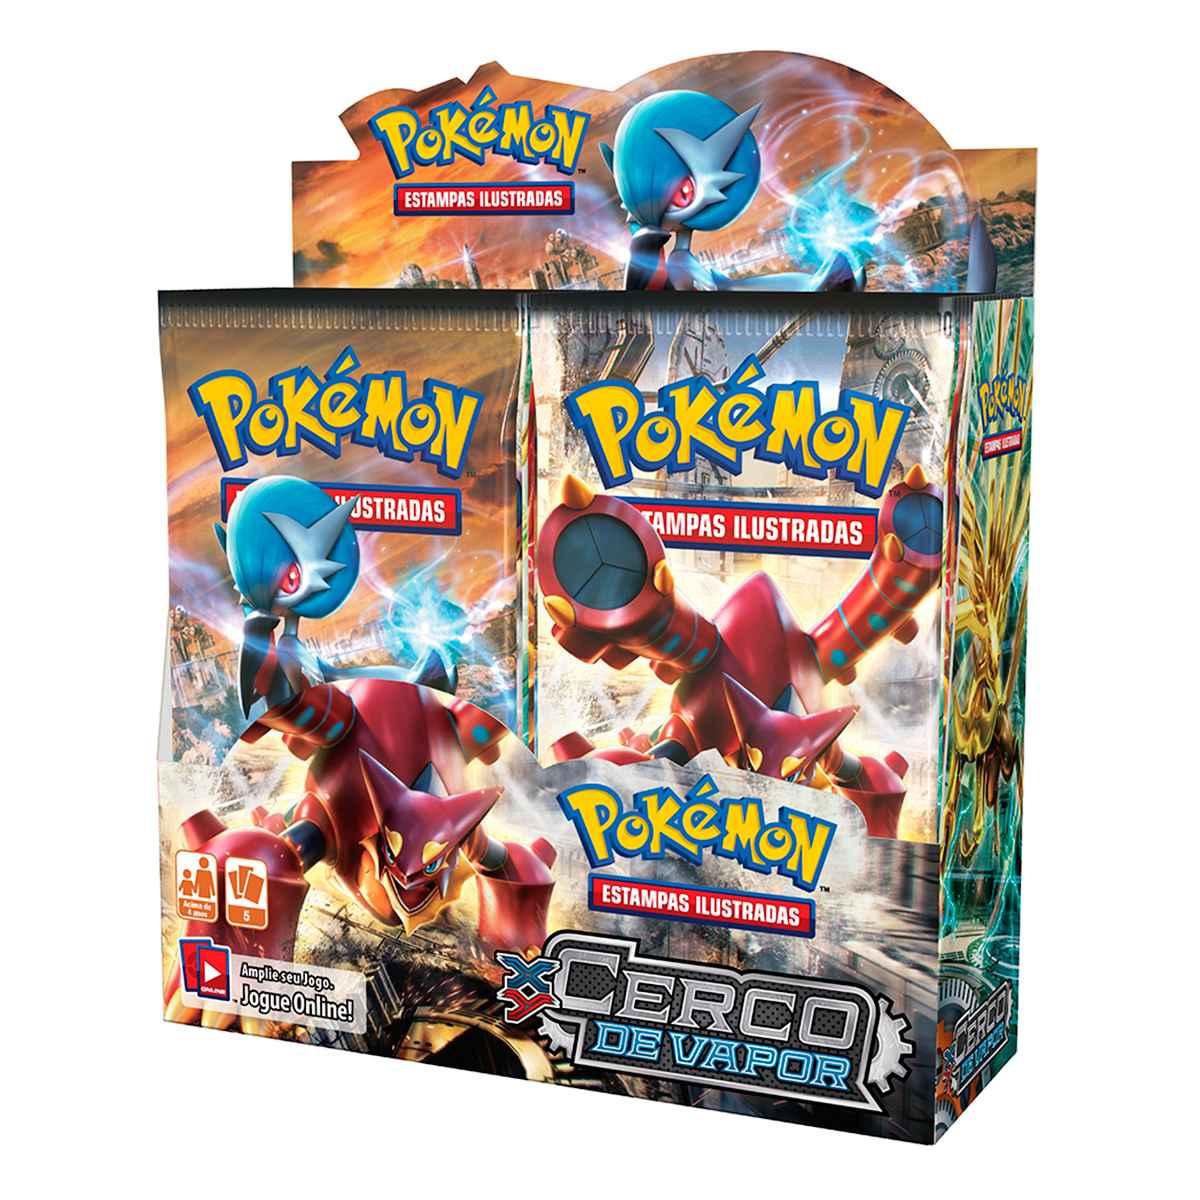 Pokémon Box Booster XY 11 Cerco de Vapor